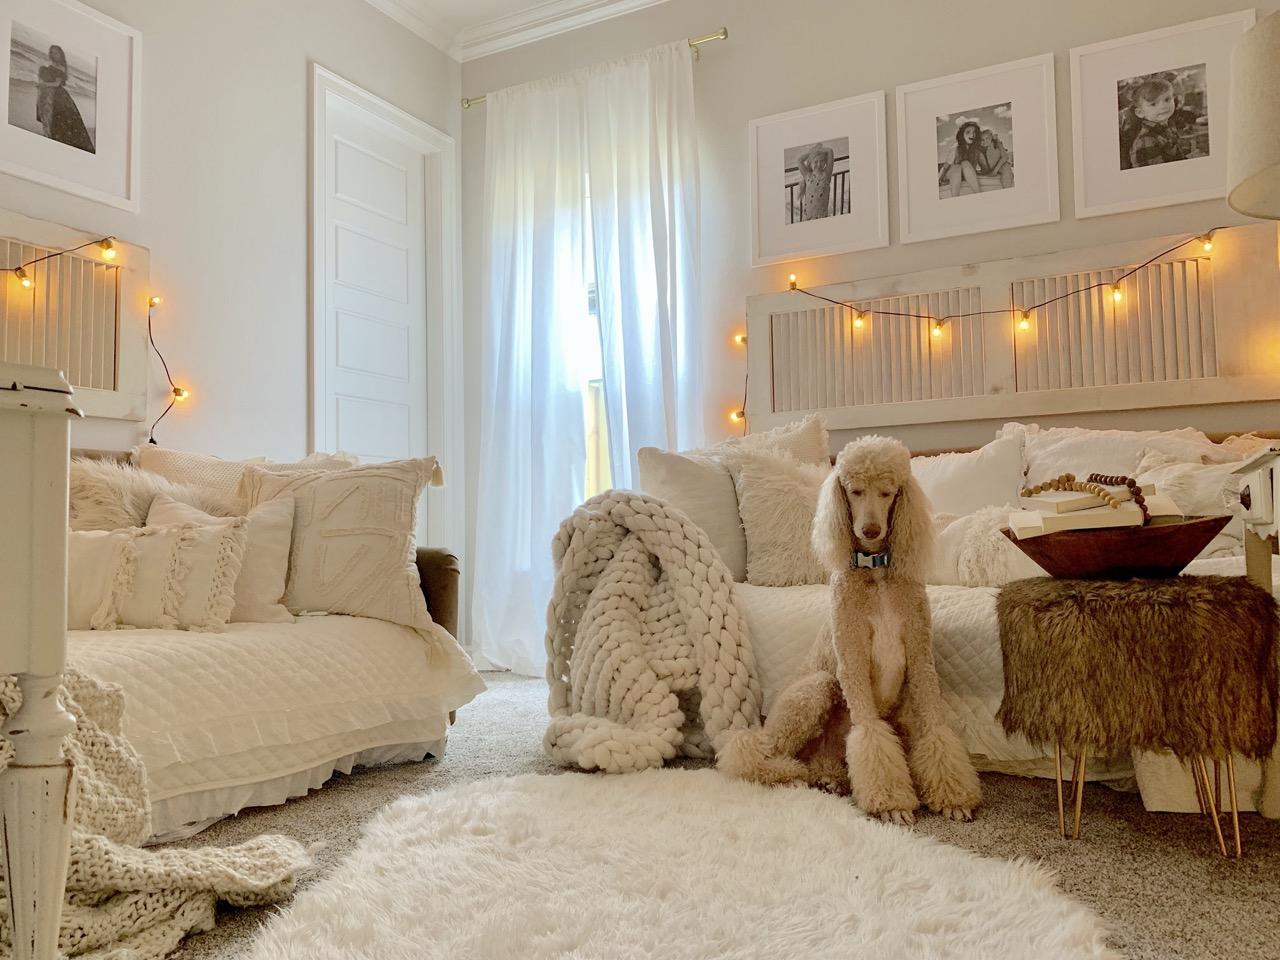 white frames with white decor